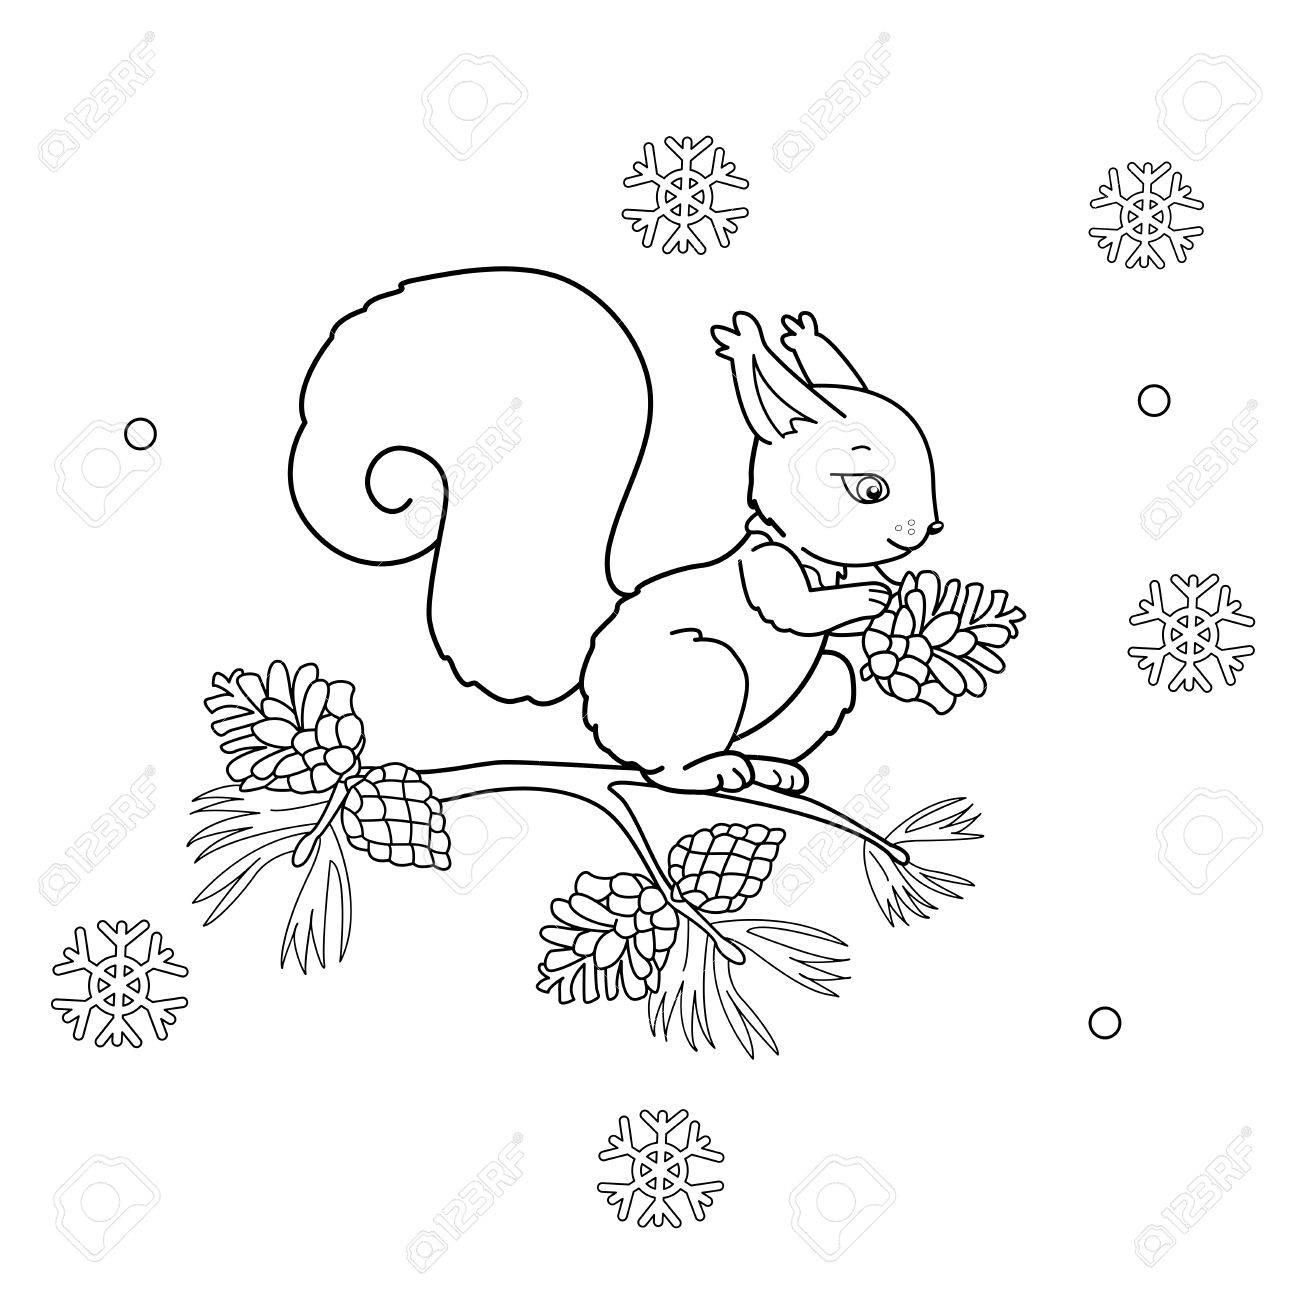 ぬりえページ概要の漫画とリス コーン冬子供のための塗り絵の